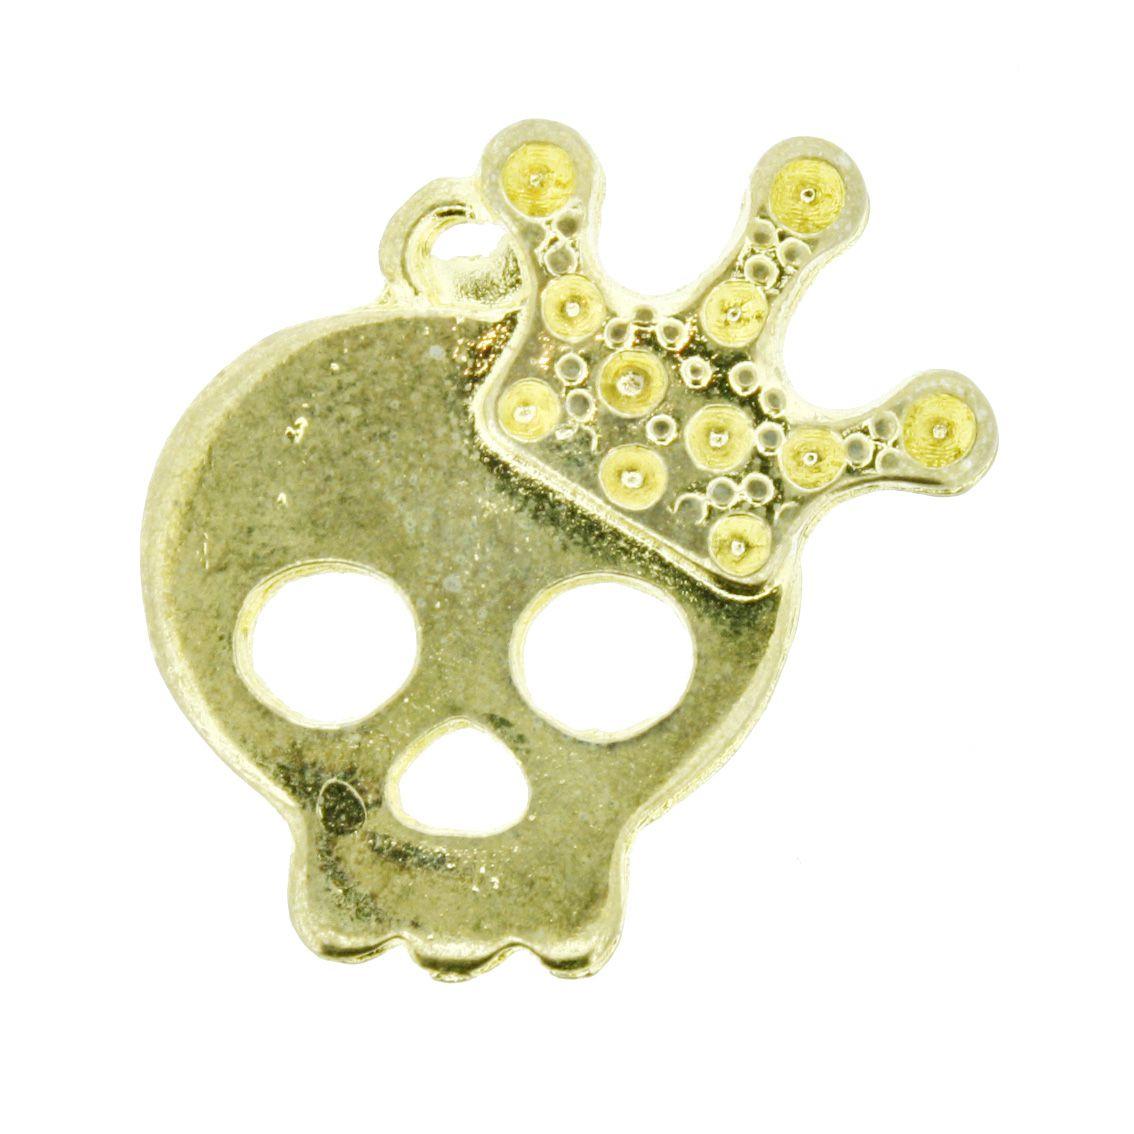 Caveira - Dourada - 25mm - 01 Peça  - Universo Religioso® - Artigos de Umbanda e Candomblé